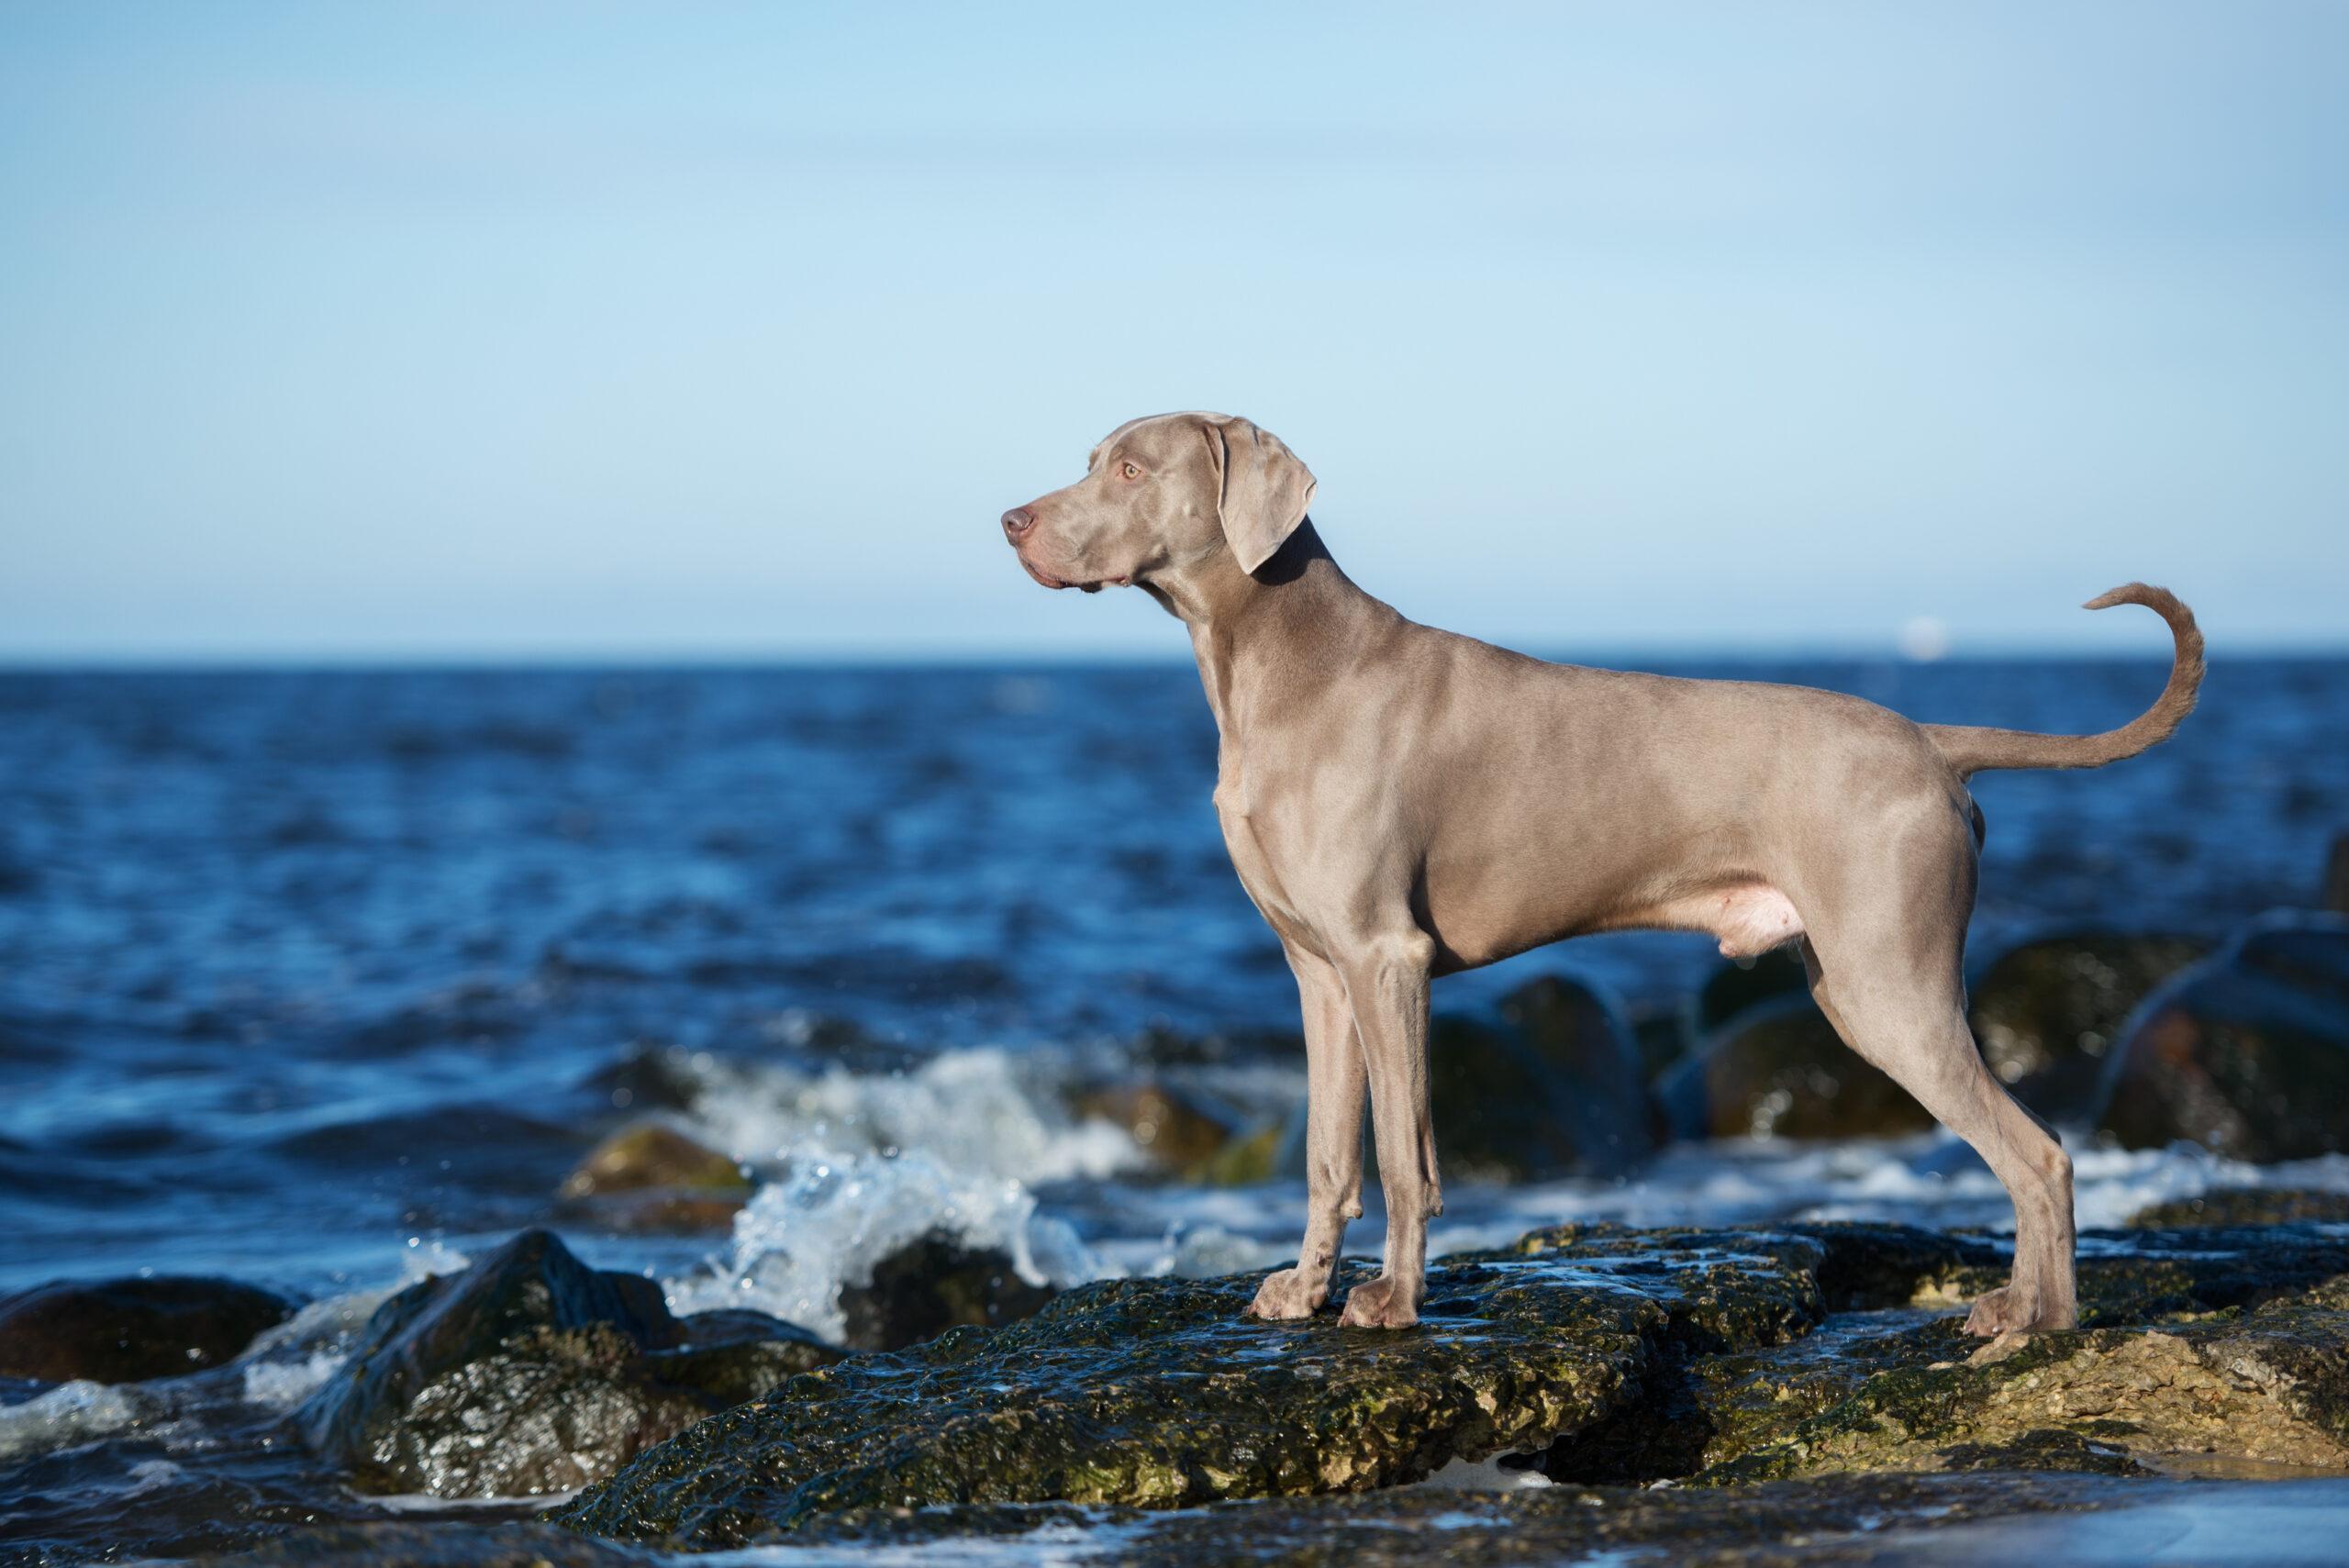 Weimaraner dog standing on rocks on the beach overlooking the ocean